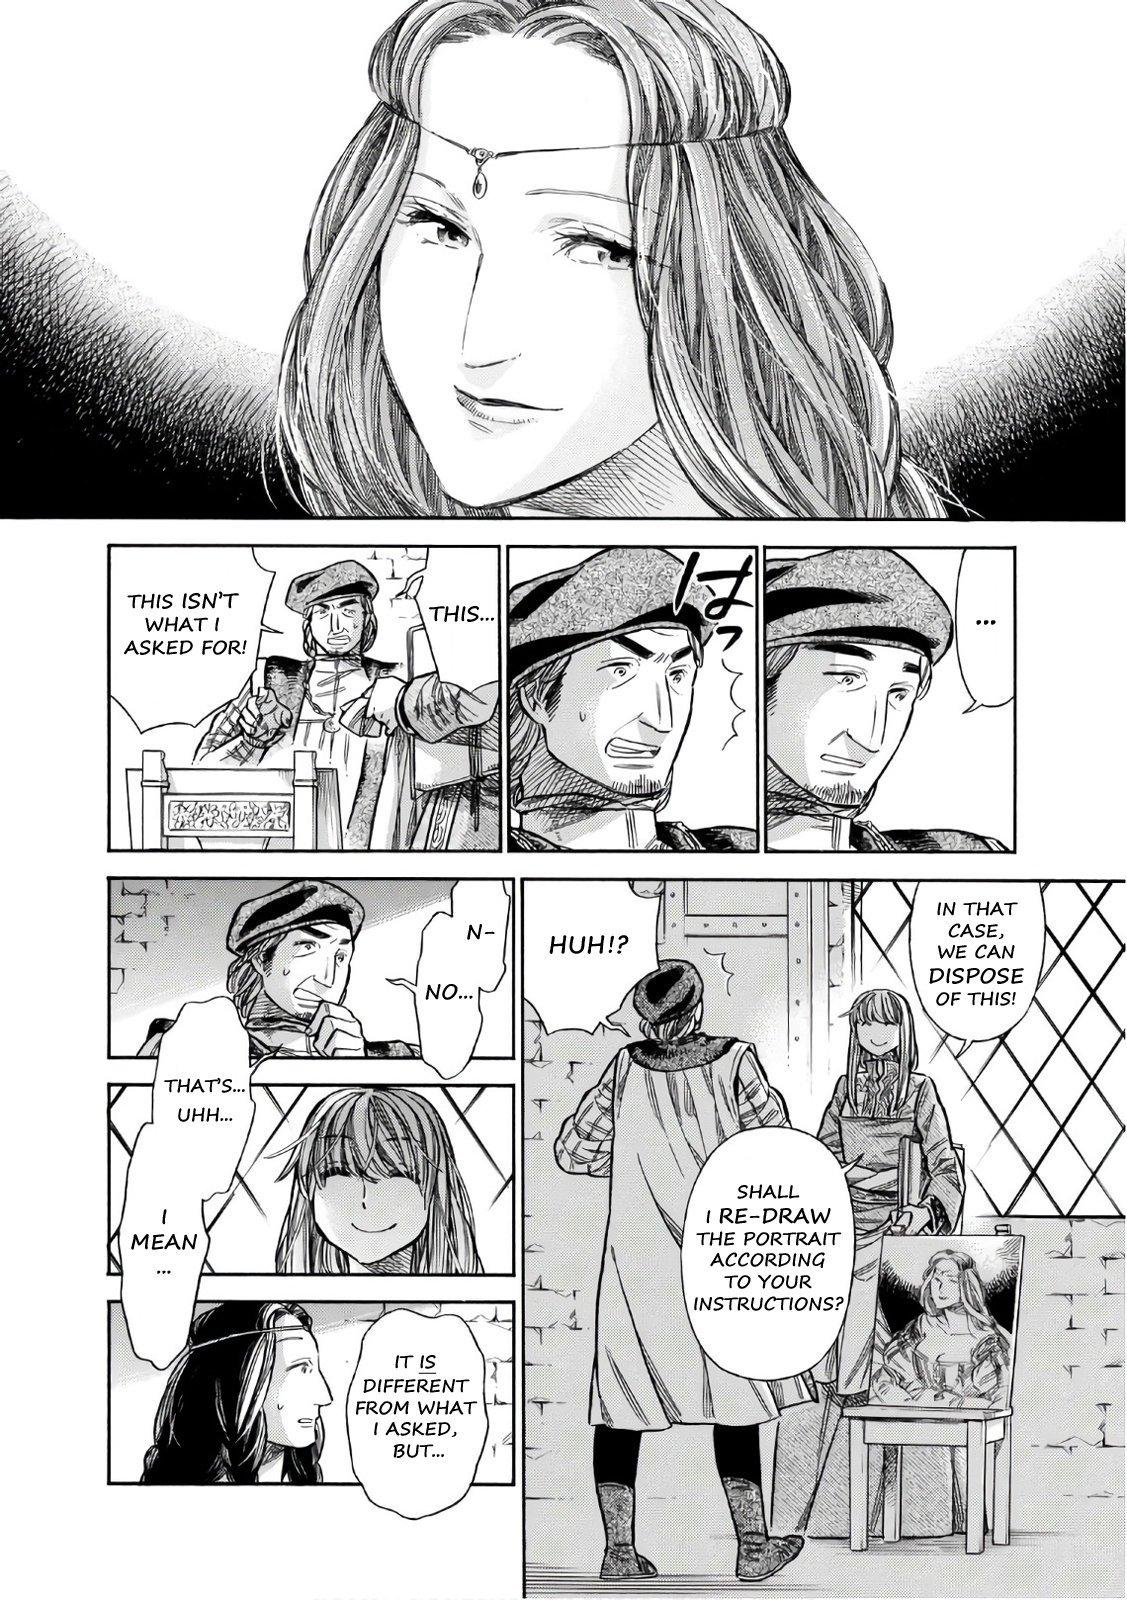 Manga Arte - Chapter 40 Page 25